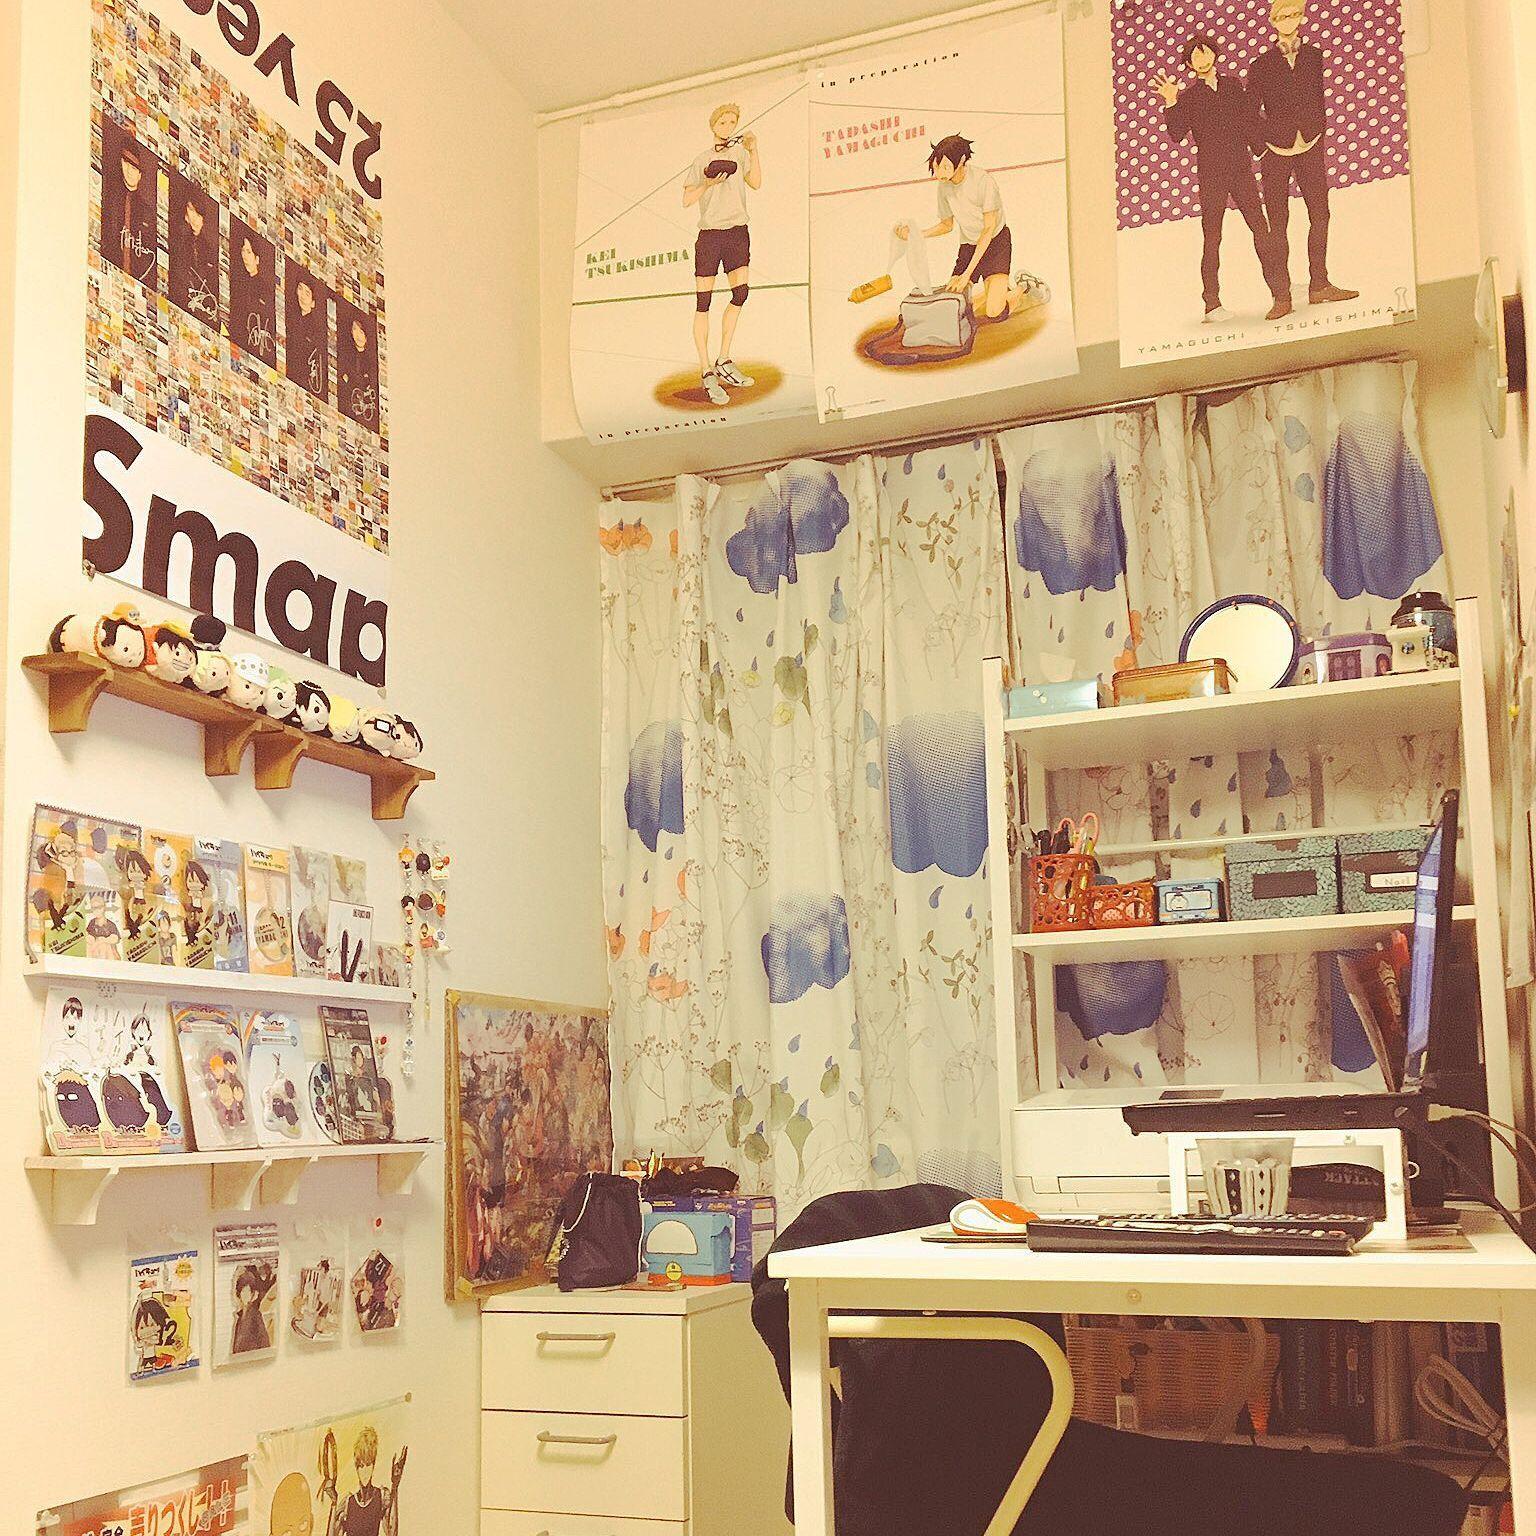 壁 天井 カーテン ポスター おたく部屋 趣味の部屋 などのインテリア